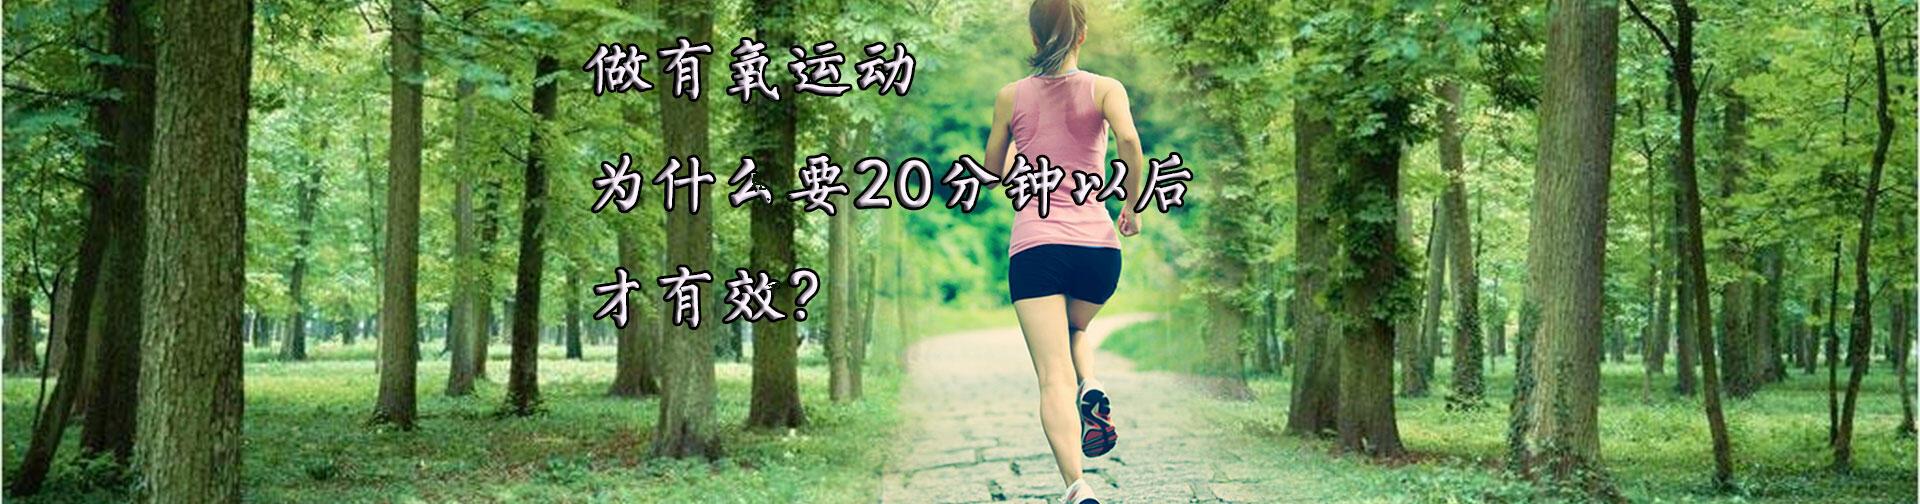 做有氧运动,为什么要20分钟以后才有效?